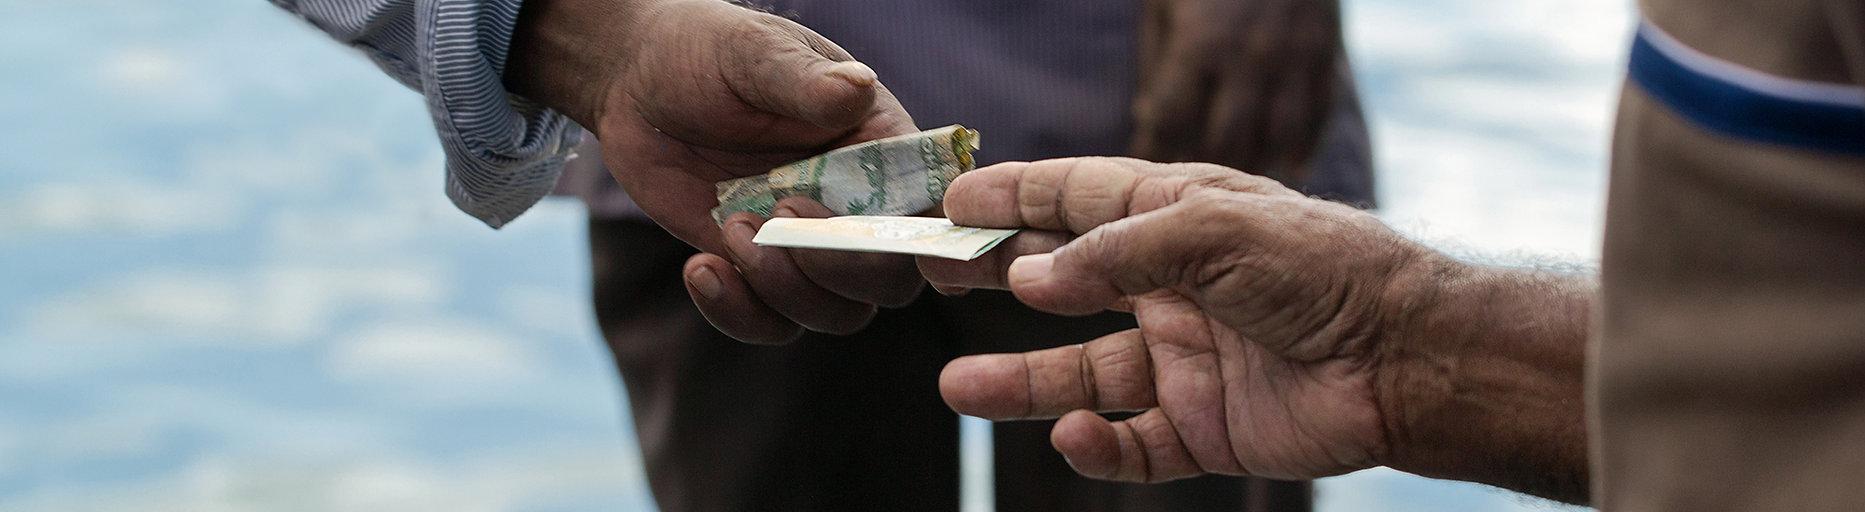 Maledivská měna, maledivské rufie.jpg